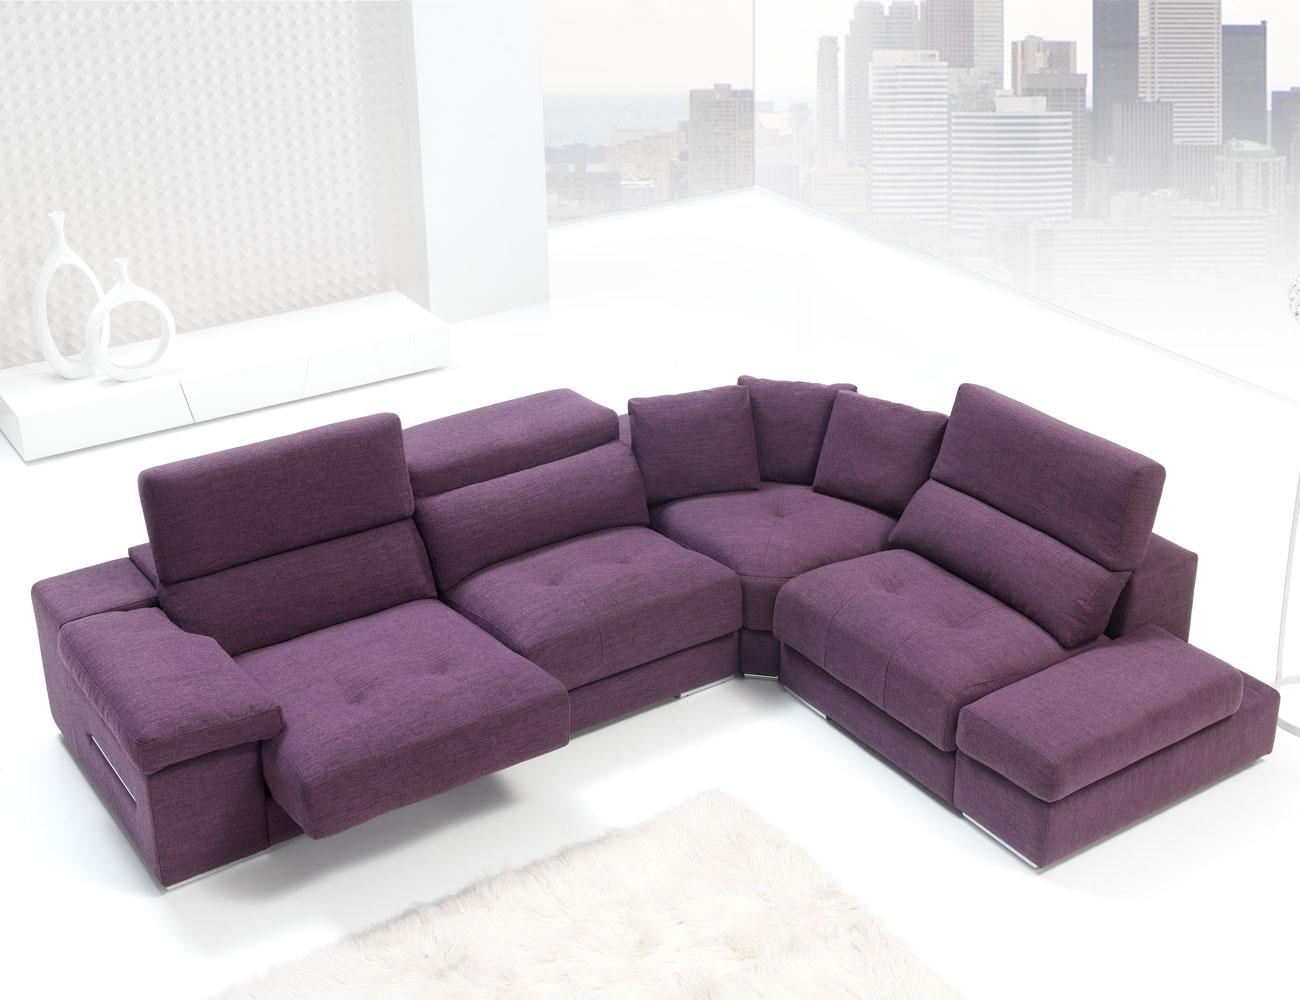 Sofa chaiselongue rincon con brazo mecanico tejido anti manchas 255